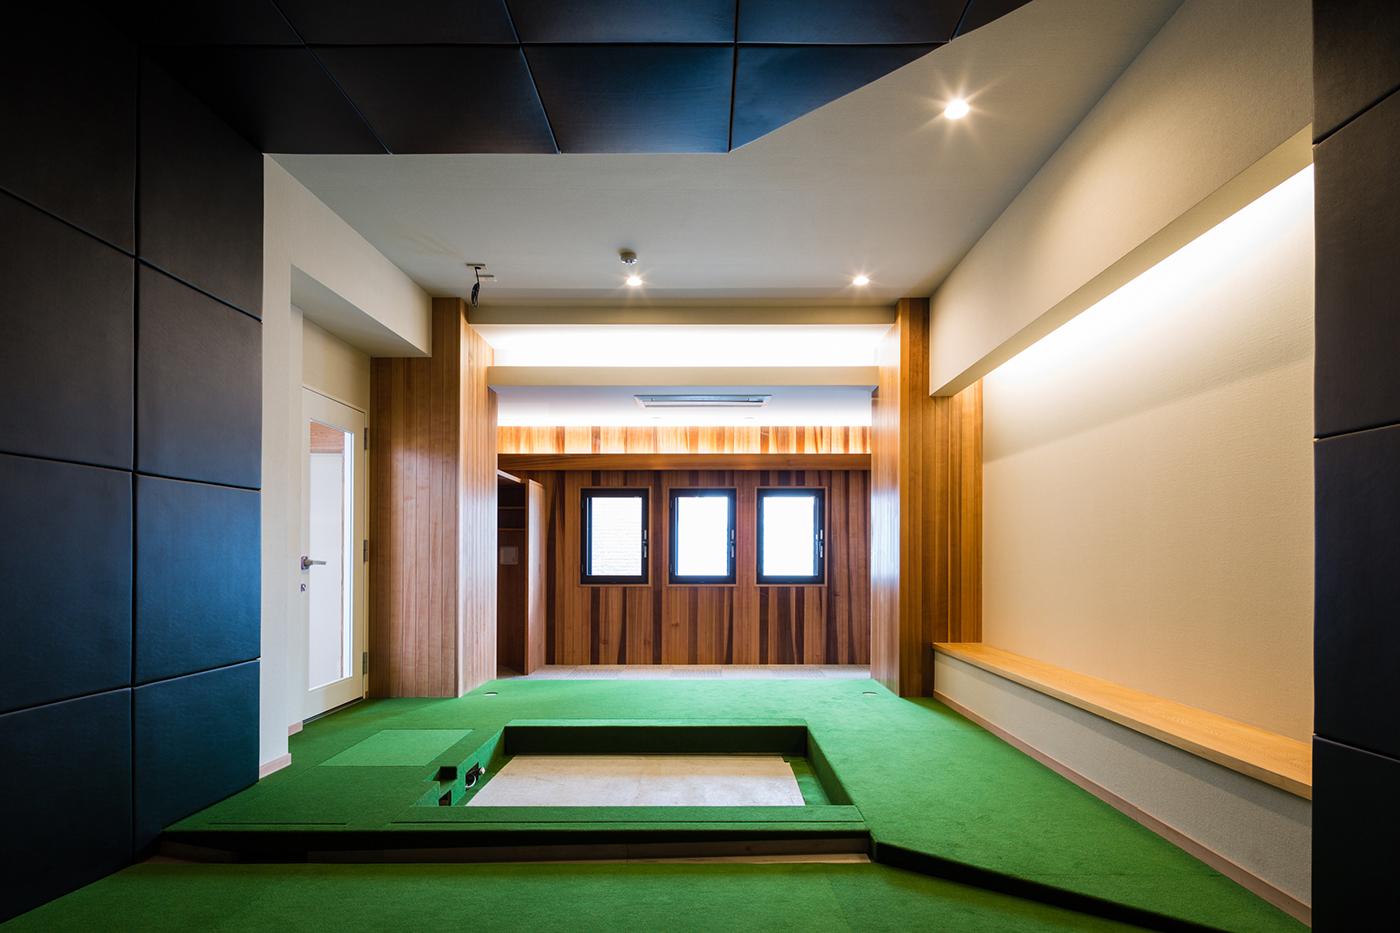 東京、品川区、神奈川県、一級建築士事務所、建築家、N&C、打ち放し、天井が高い、木の空間、漆喰壁、ゴルフ、シュミレーションゴルフ、ゴルフ練習